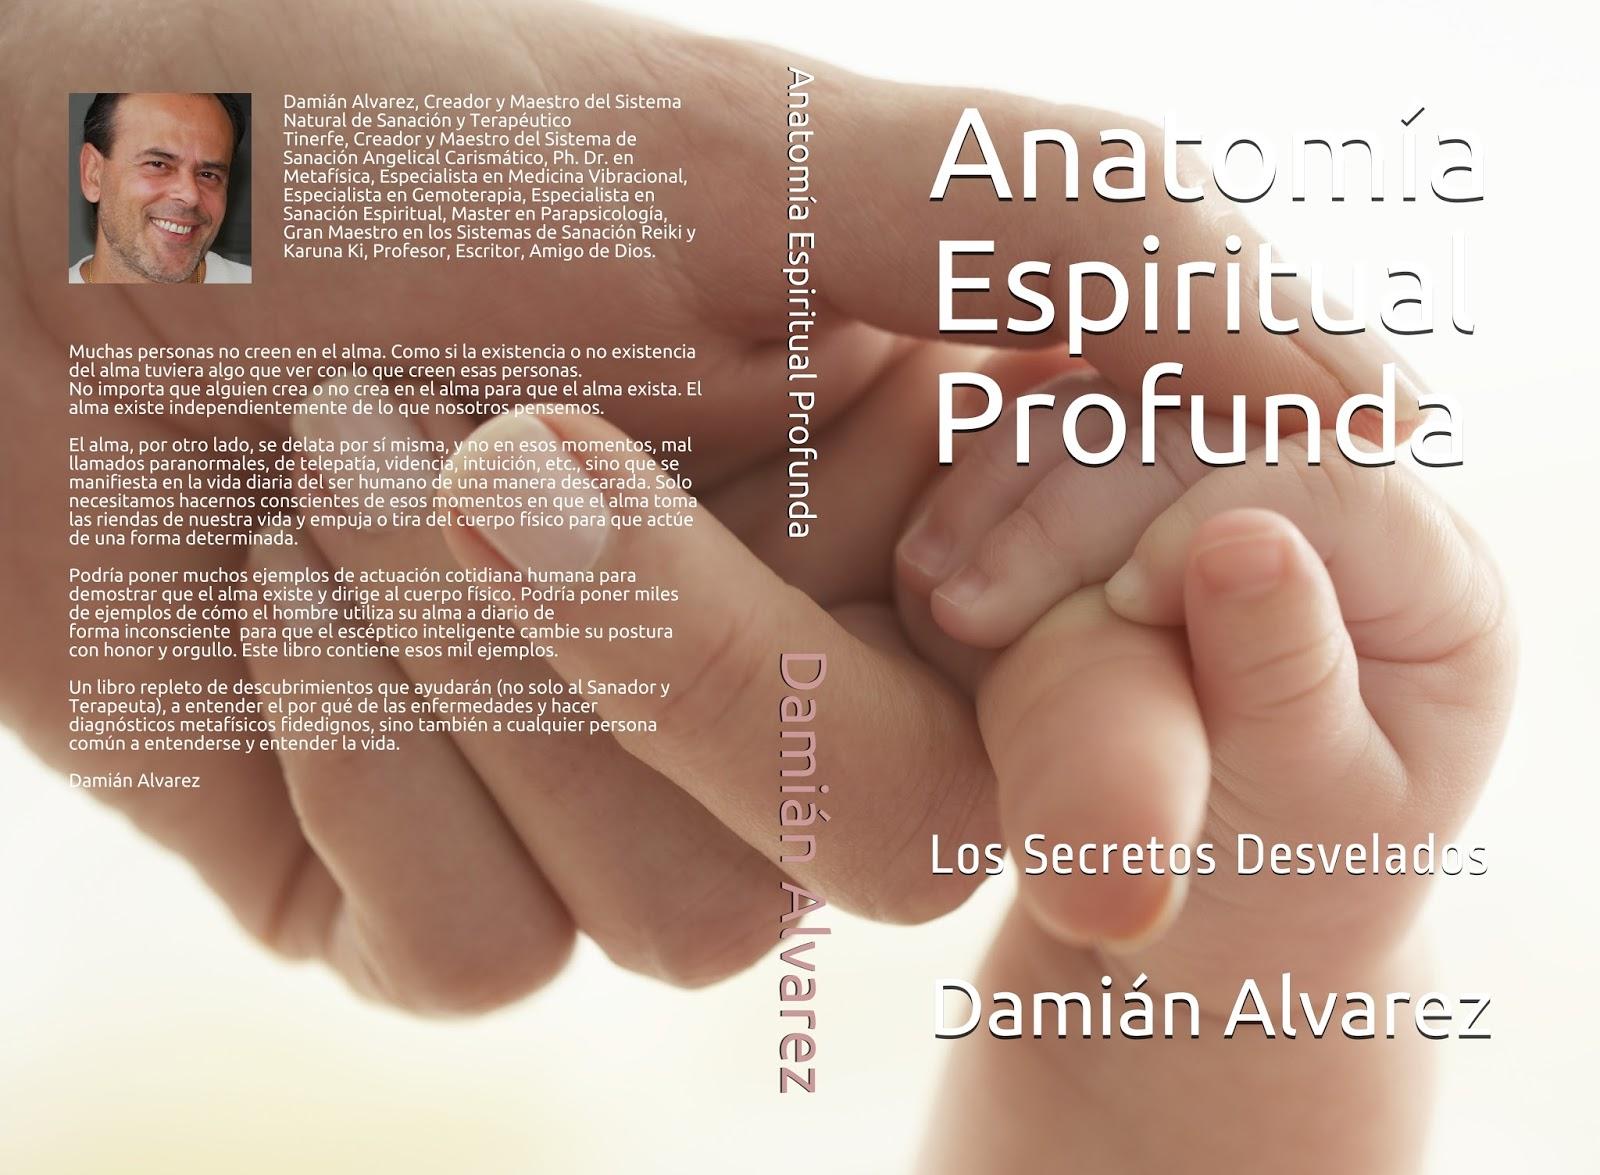 Puerta de Las Estrellas: Anatomía Espiritual Profunda. Los Secretos ...